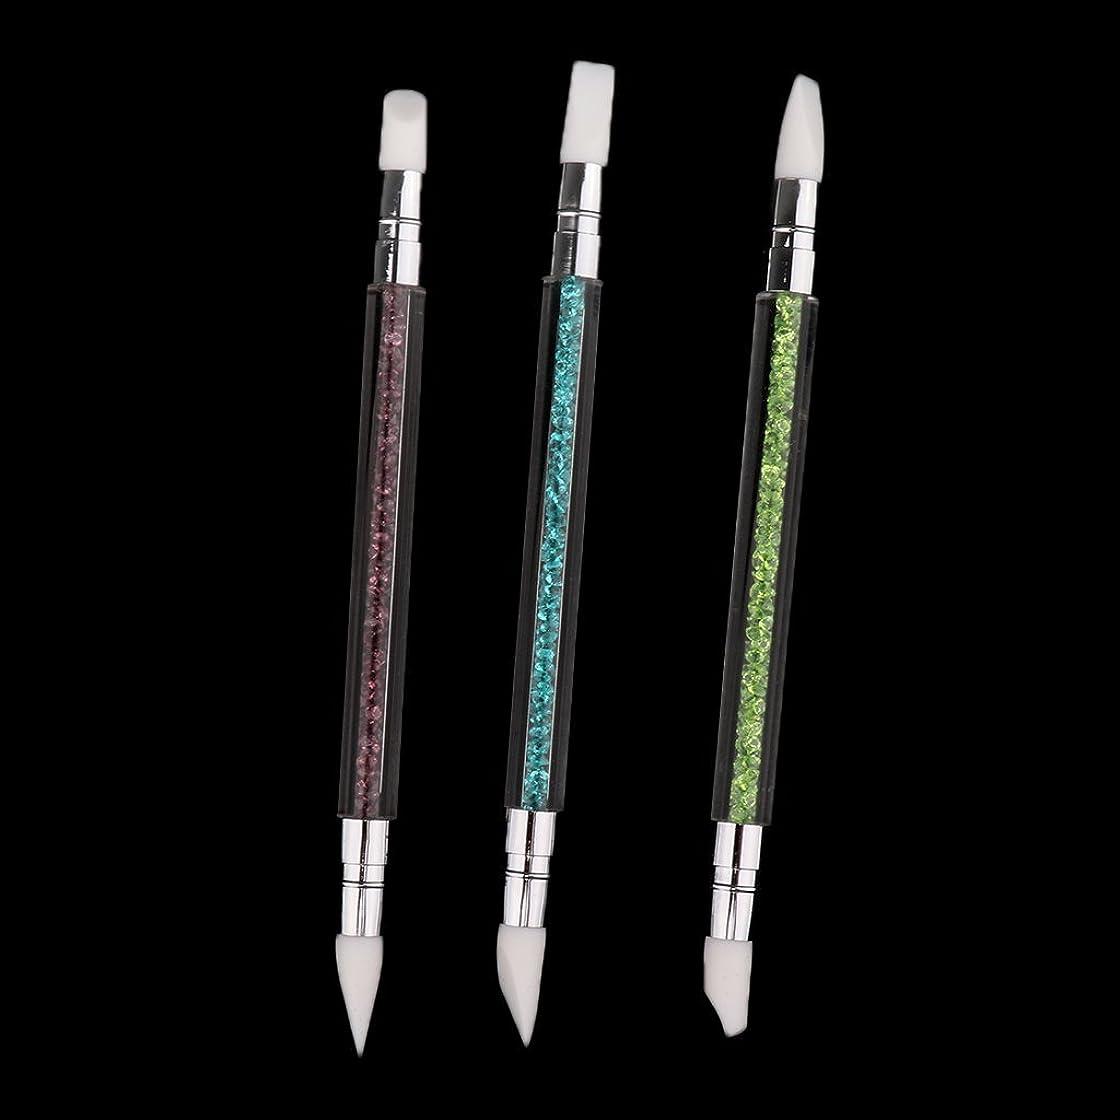 DYNWAVE 3本セット ネイルアート ブラシ 爪用ペン ドットツール クラフト 2way 爪絵画ツール シリコン - 3本セット